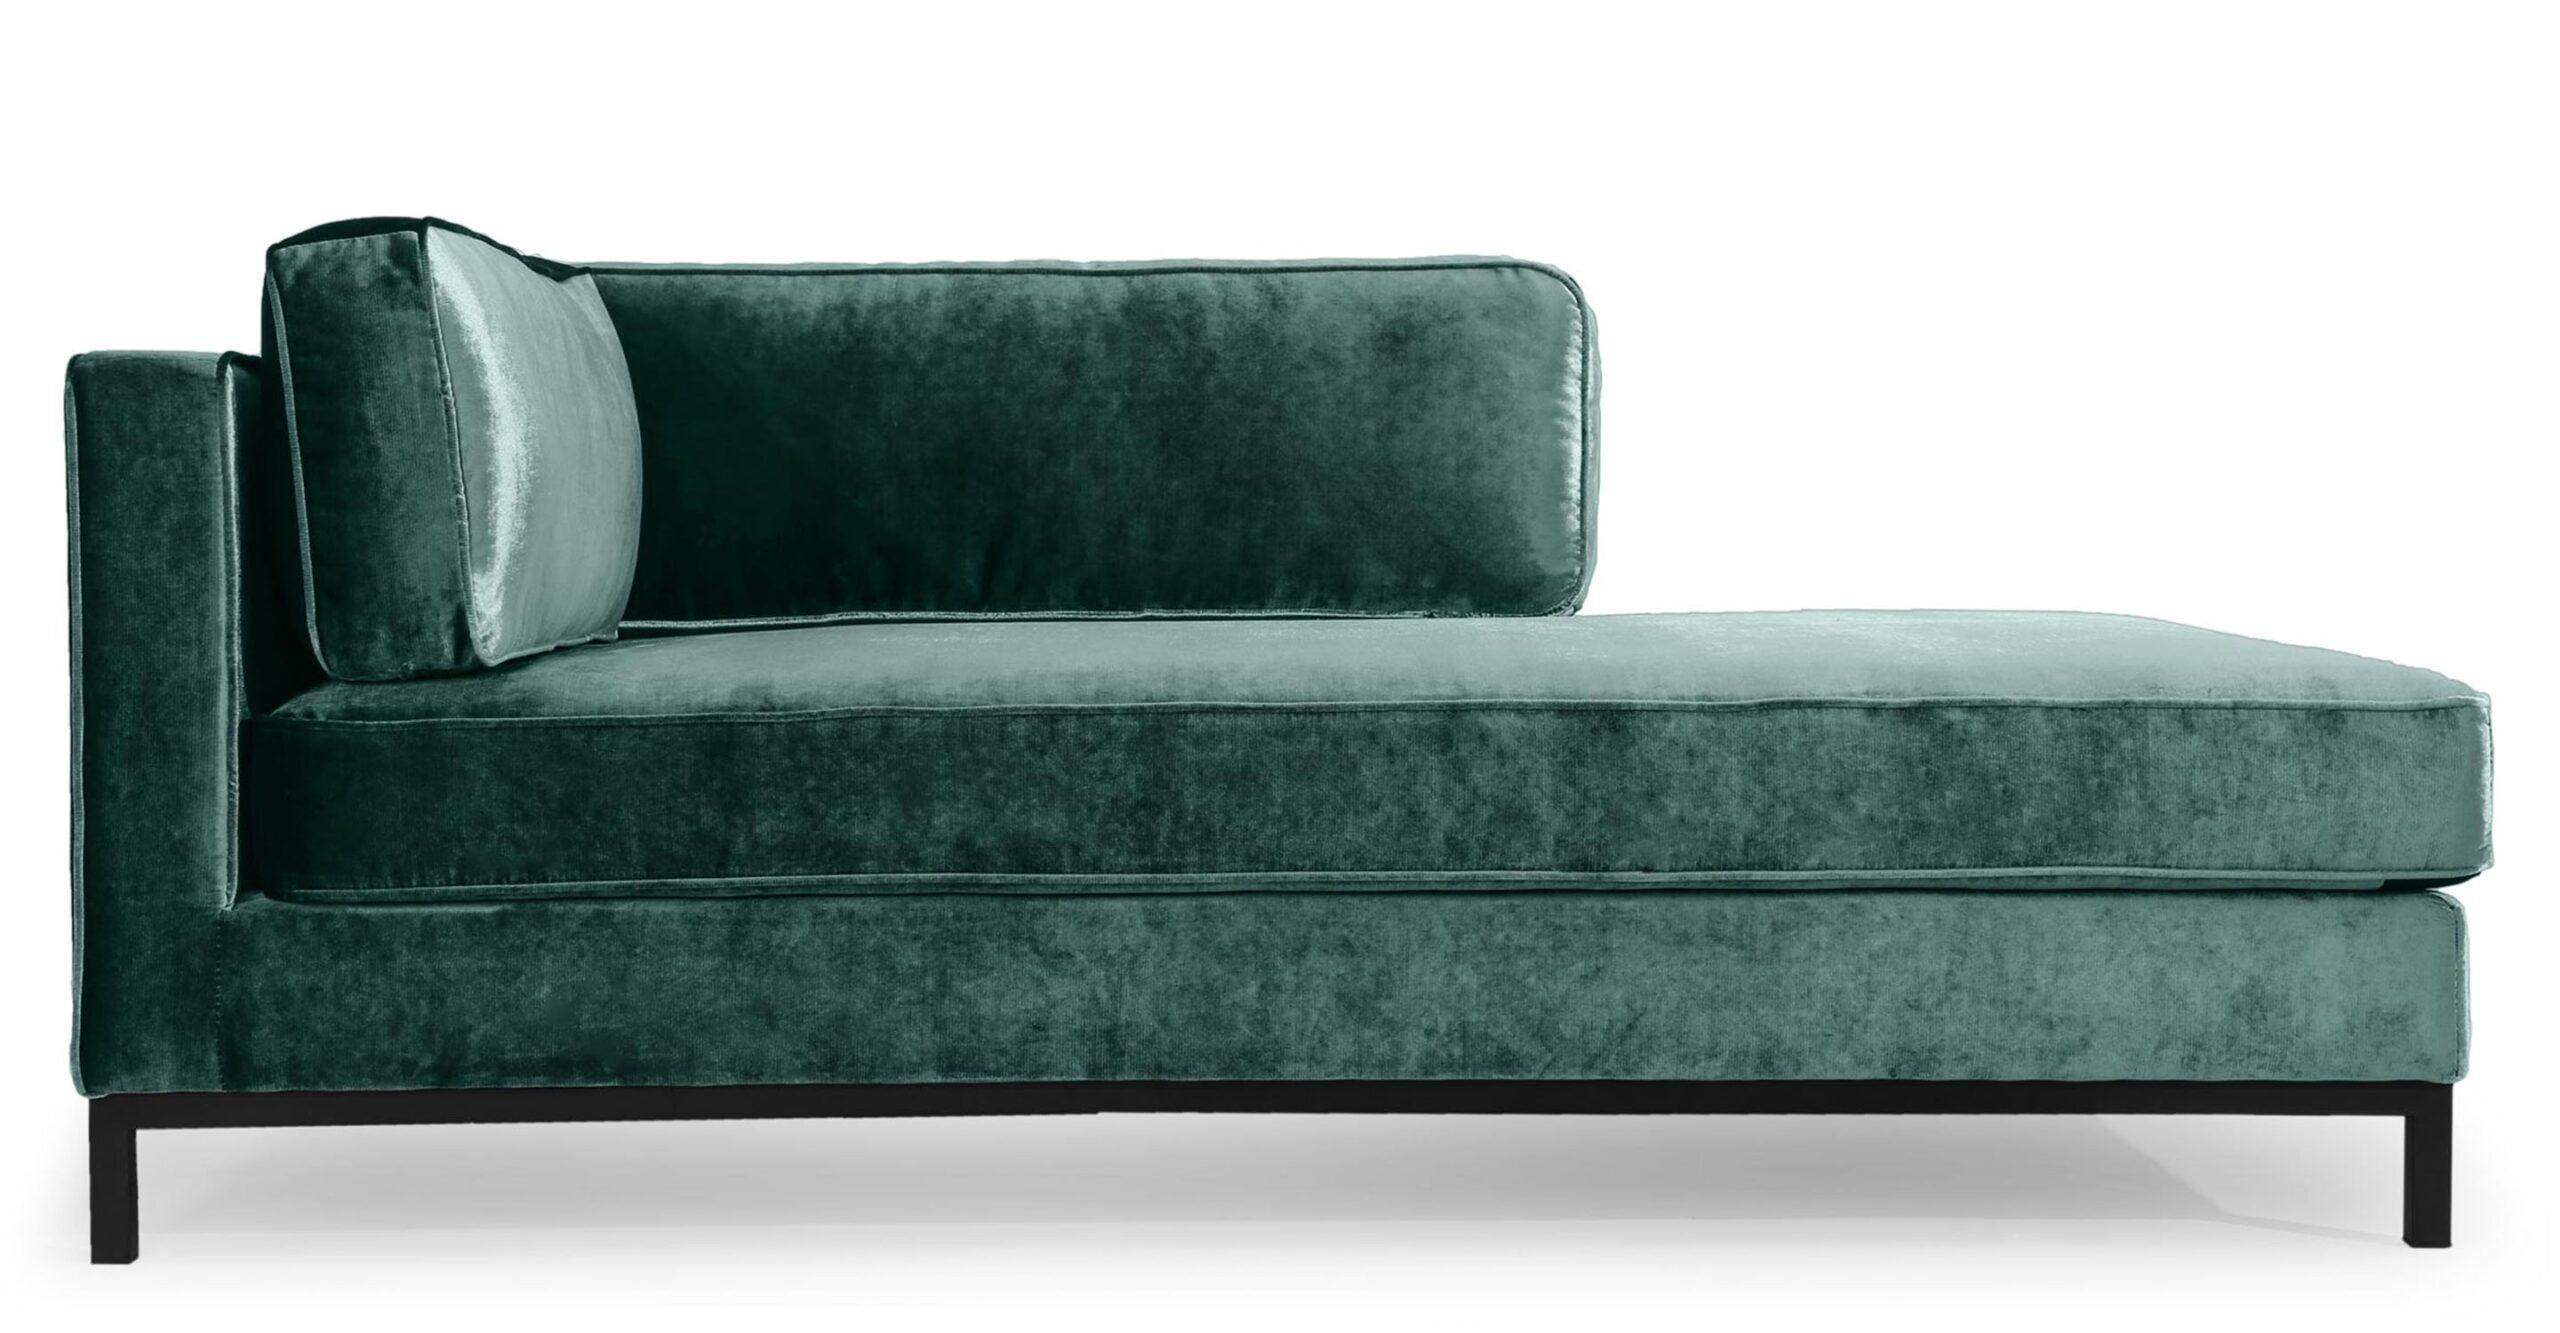 Full Size of Recamiere Mit Armlehne Links Samt Und Edelstahl Grn Nv Sofa Wohnzimmer Recamiere Samt